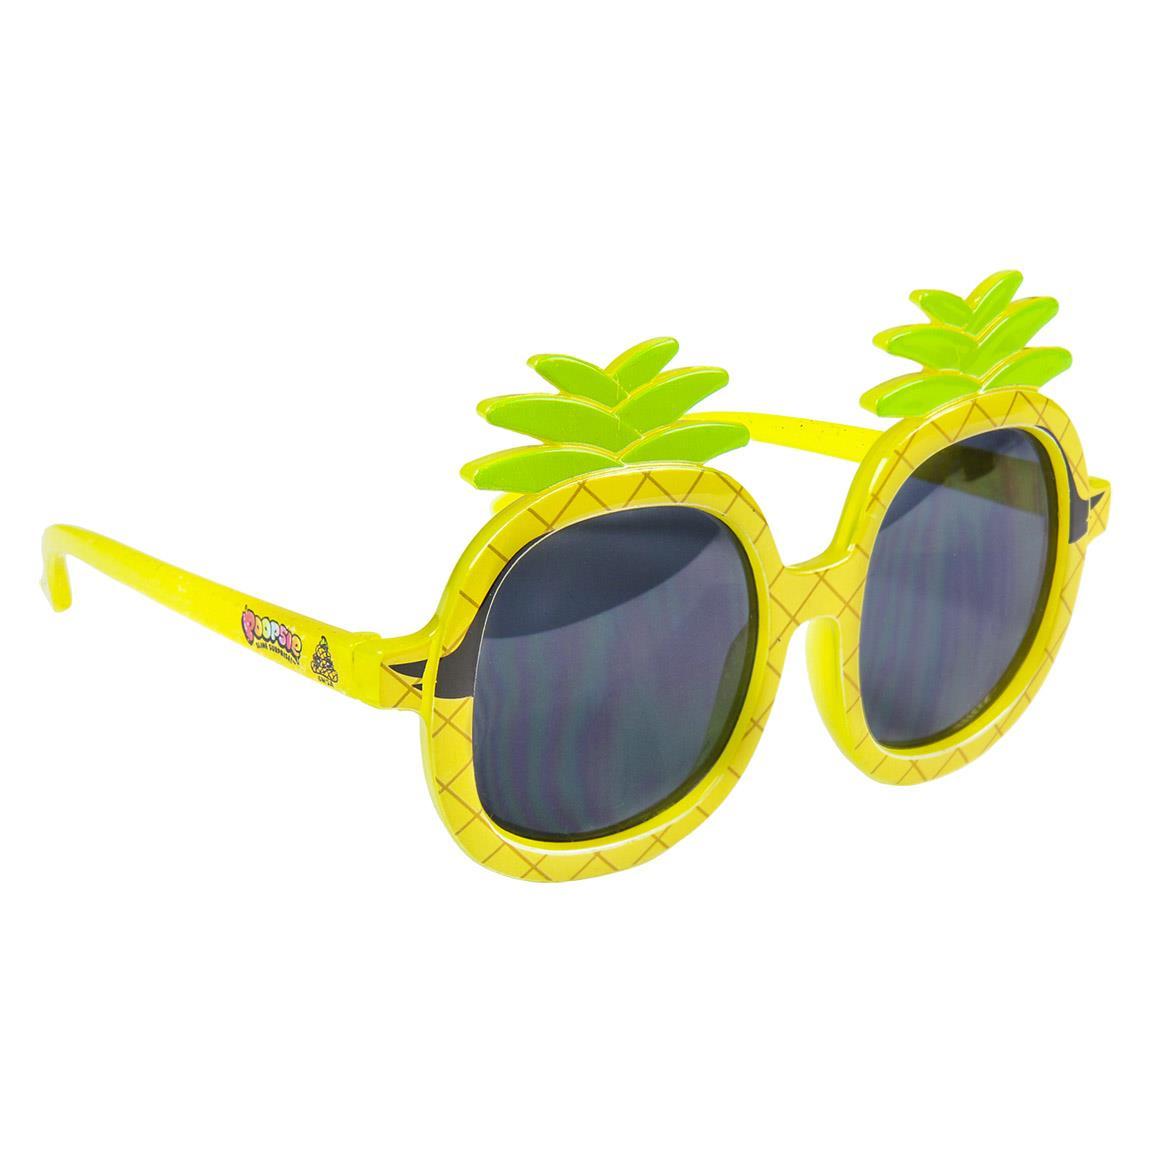 Ochelari soare pentru copii Poopsie new